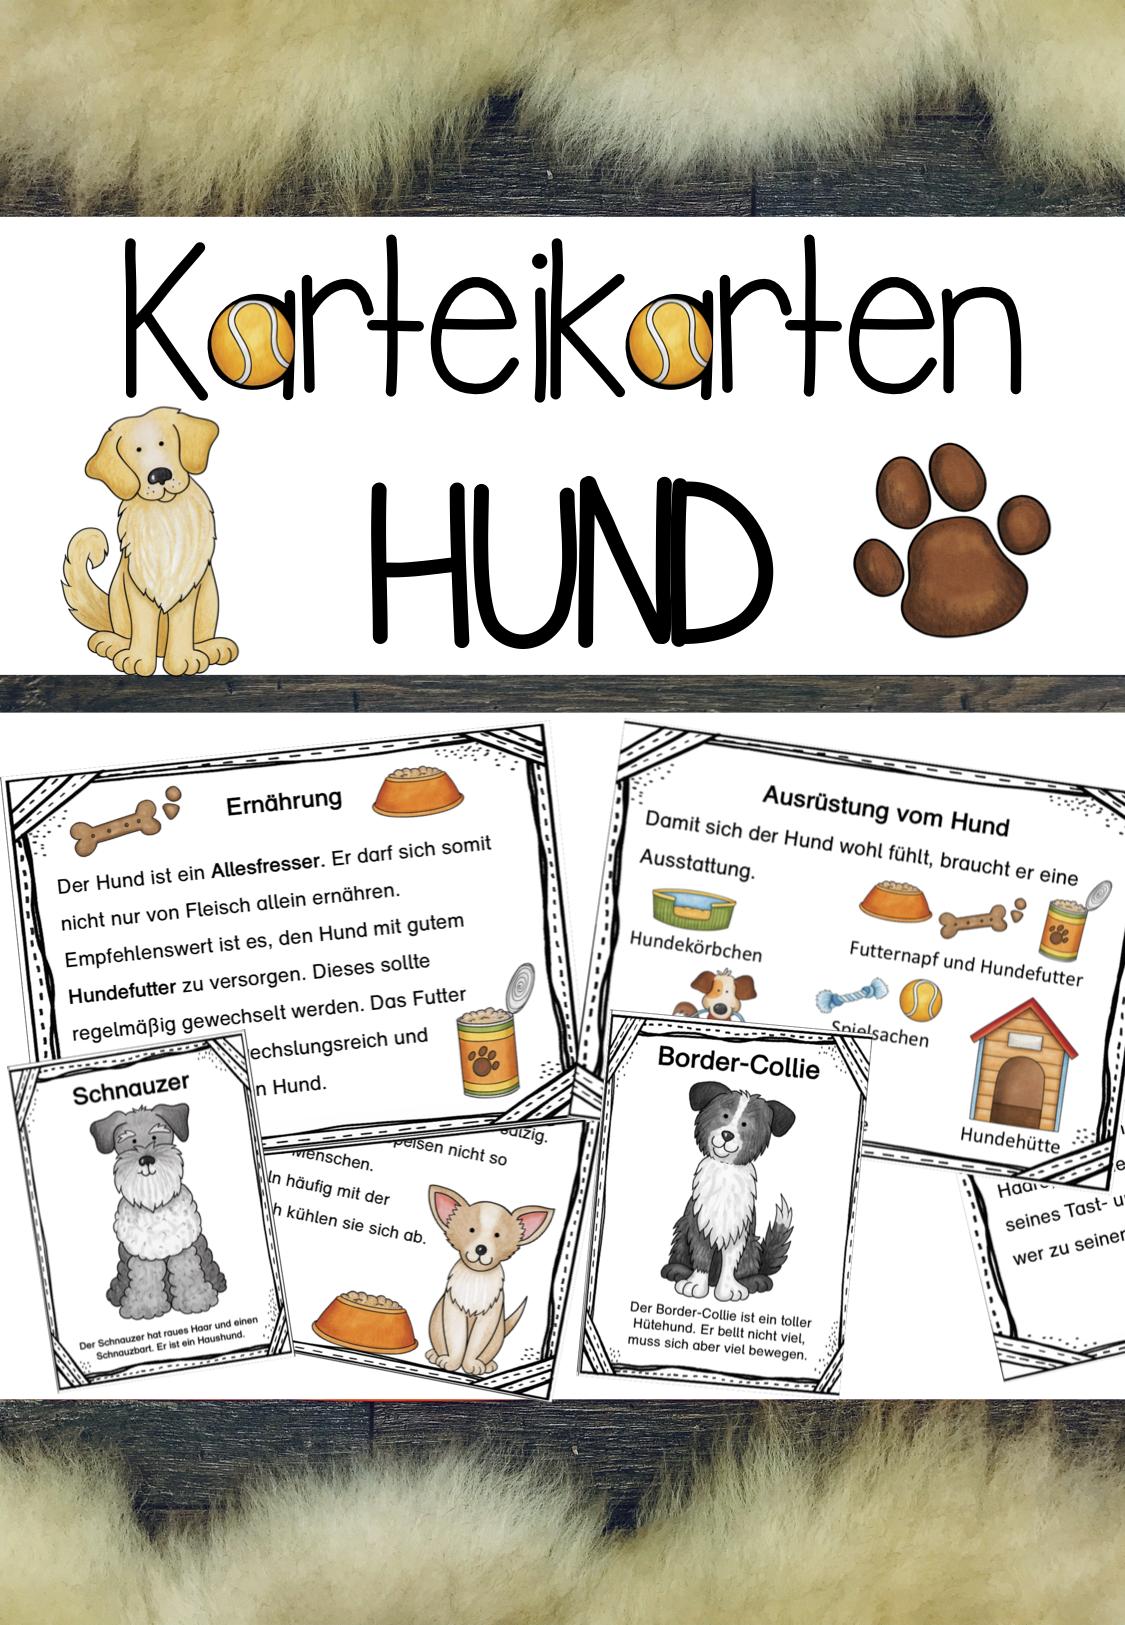 Karteikarten Zum Hund Unterrichtsmaterial Im Fach Sachunterricht Kunstunterricht Kunstunterricht Gru In 2020 Karteikarten Unterrichtsmaterial Tiergestutzte Padagogik